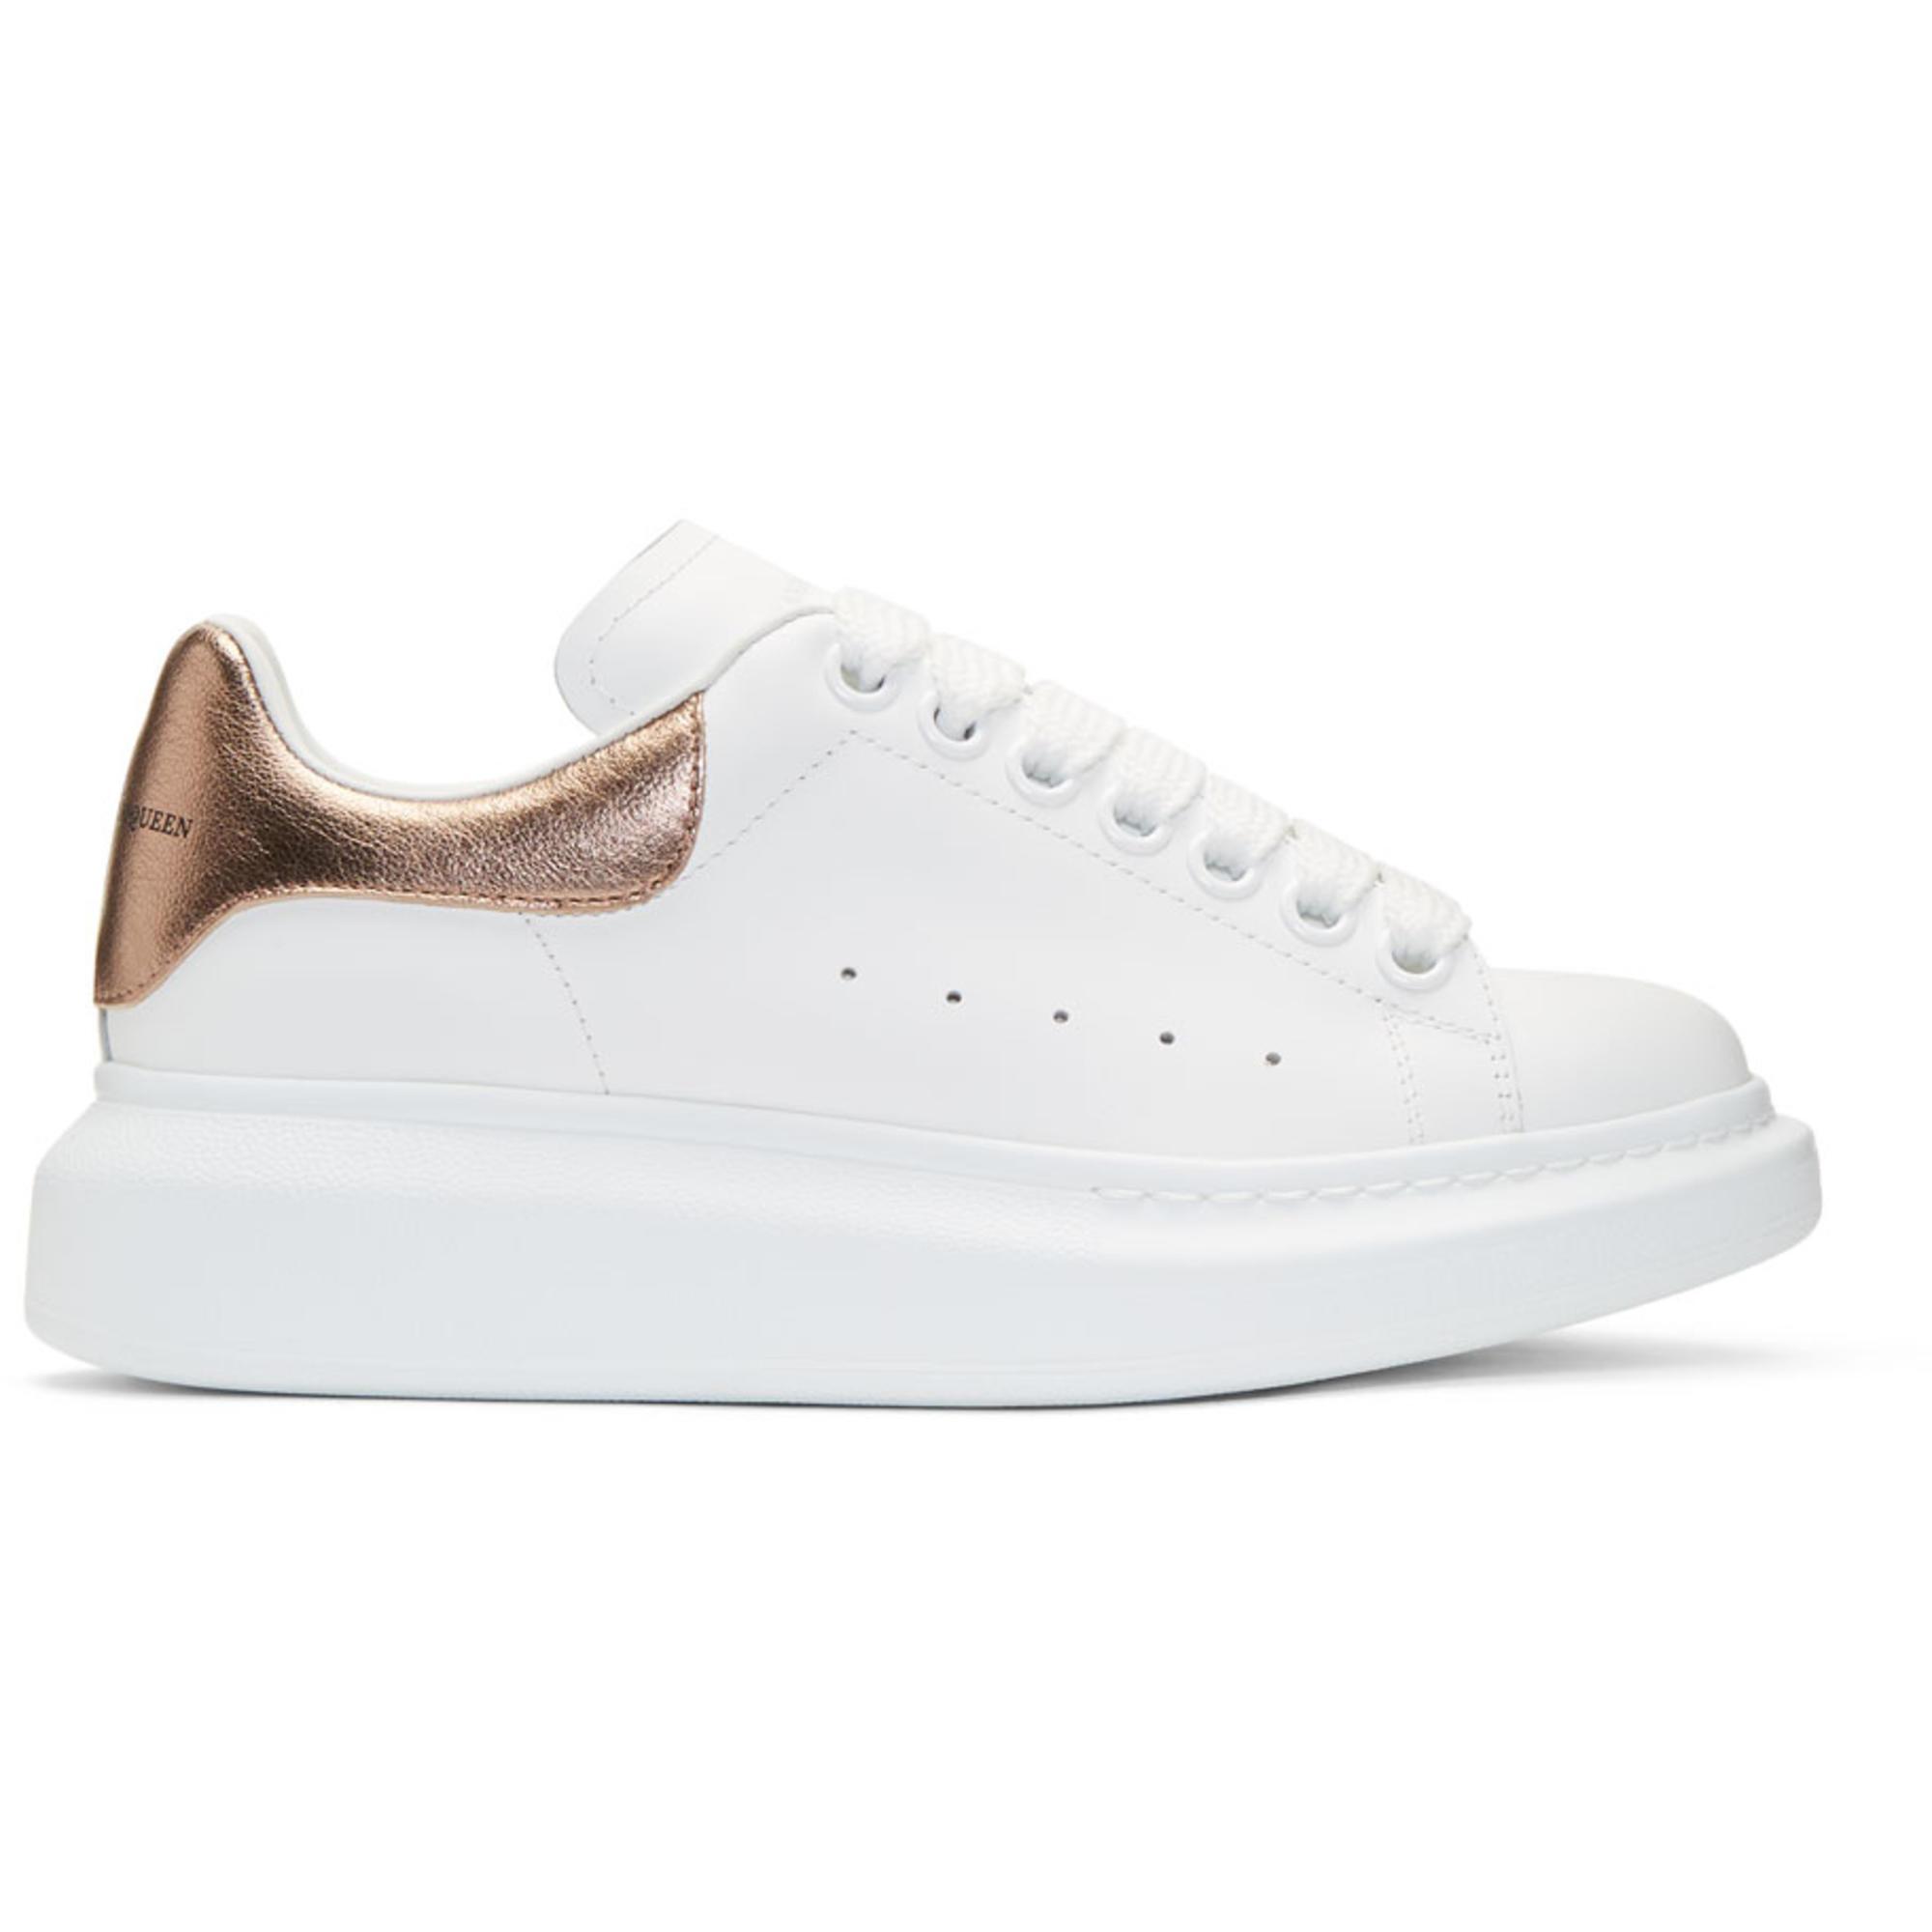 Alexander McQueen & Rose Oversized Sneakers 0nYOk